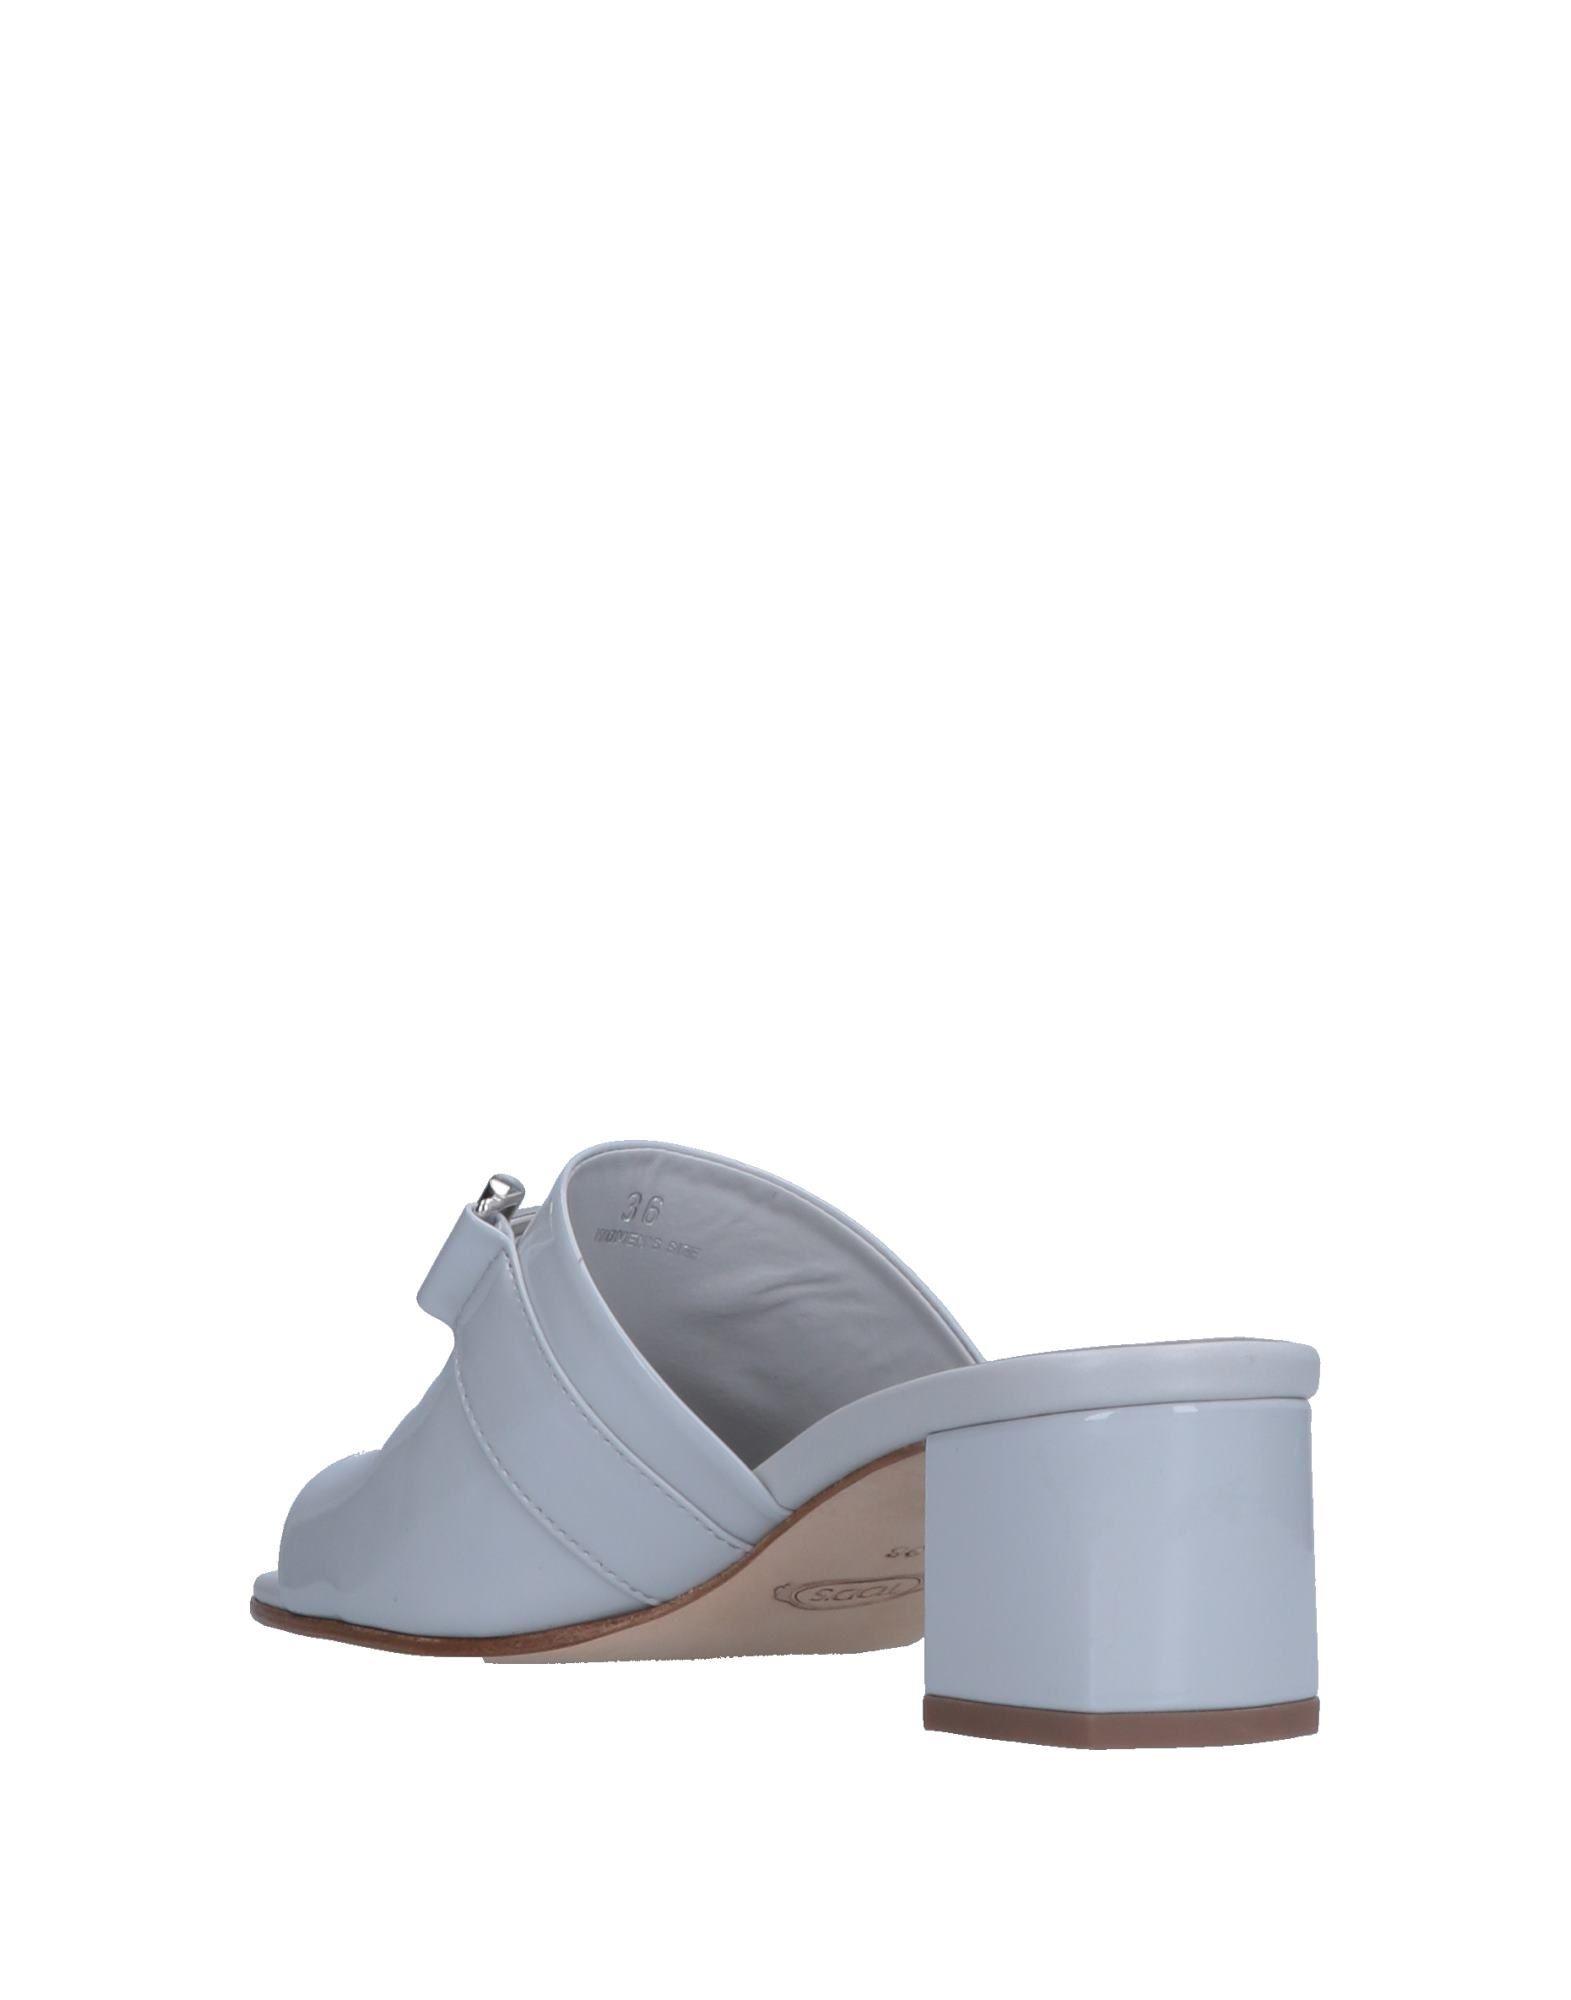 tod tod tod & # 39; s les sandales - femmes tod & # 39; s les sandales en ligne au royaume - uni - 11542428ph 5bfc94